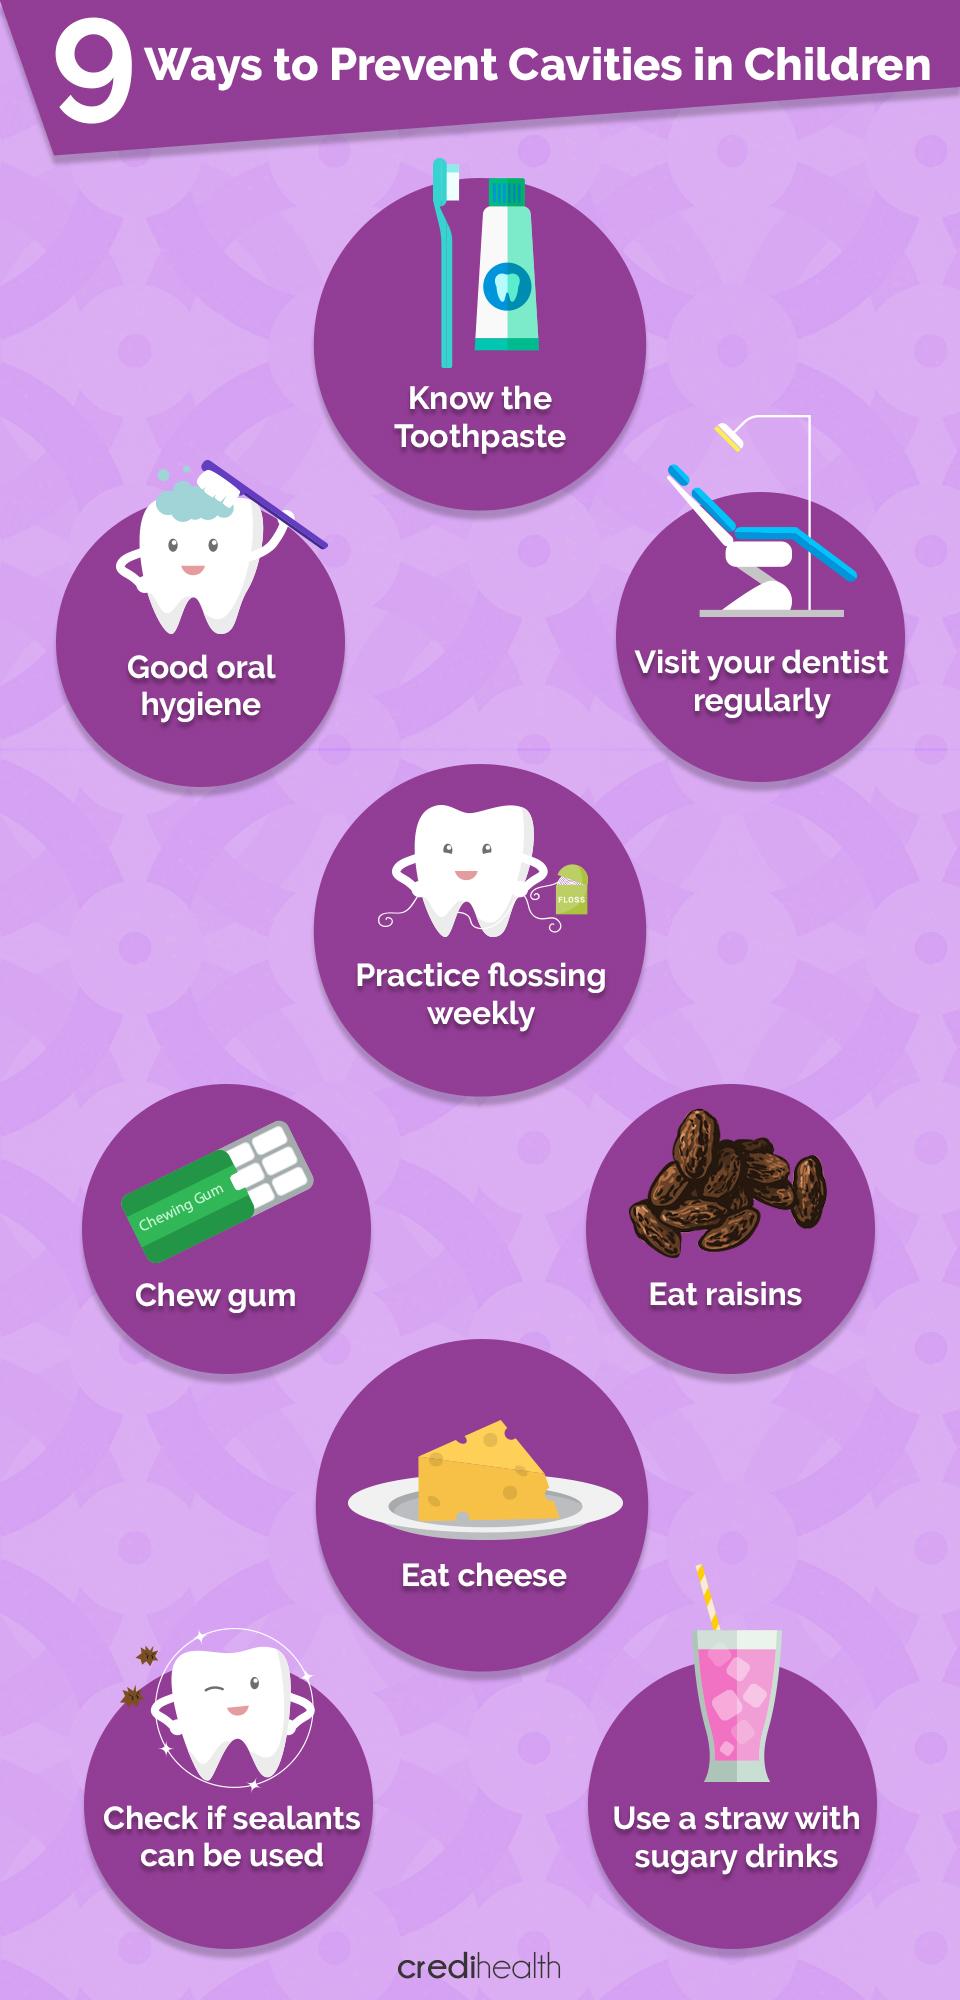 9 วิธีป้องกันฟันผุในเด็ก